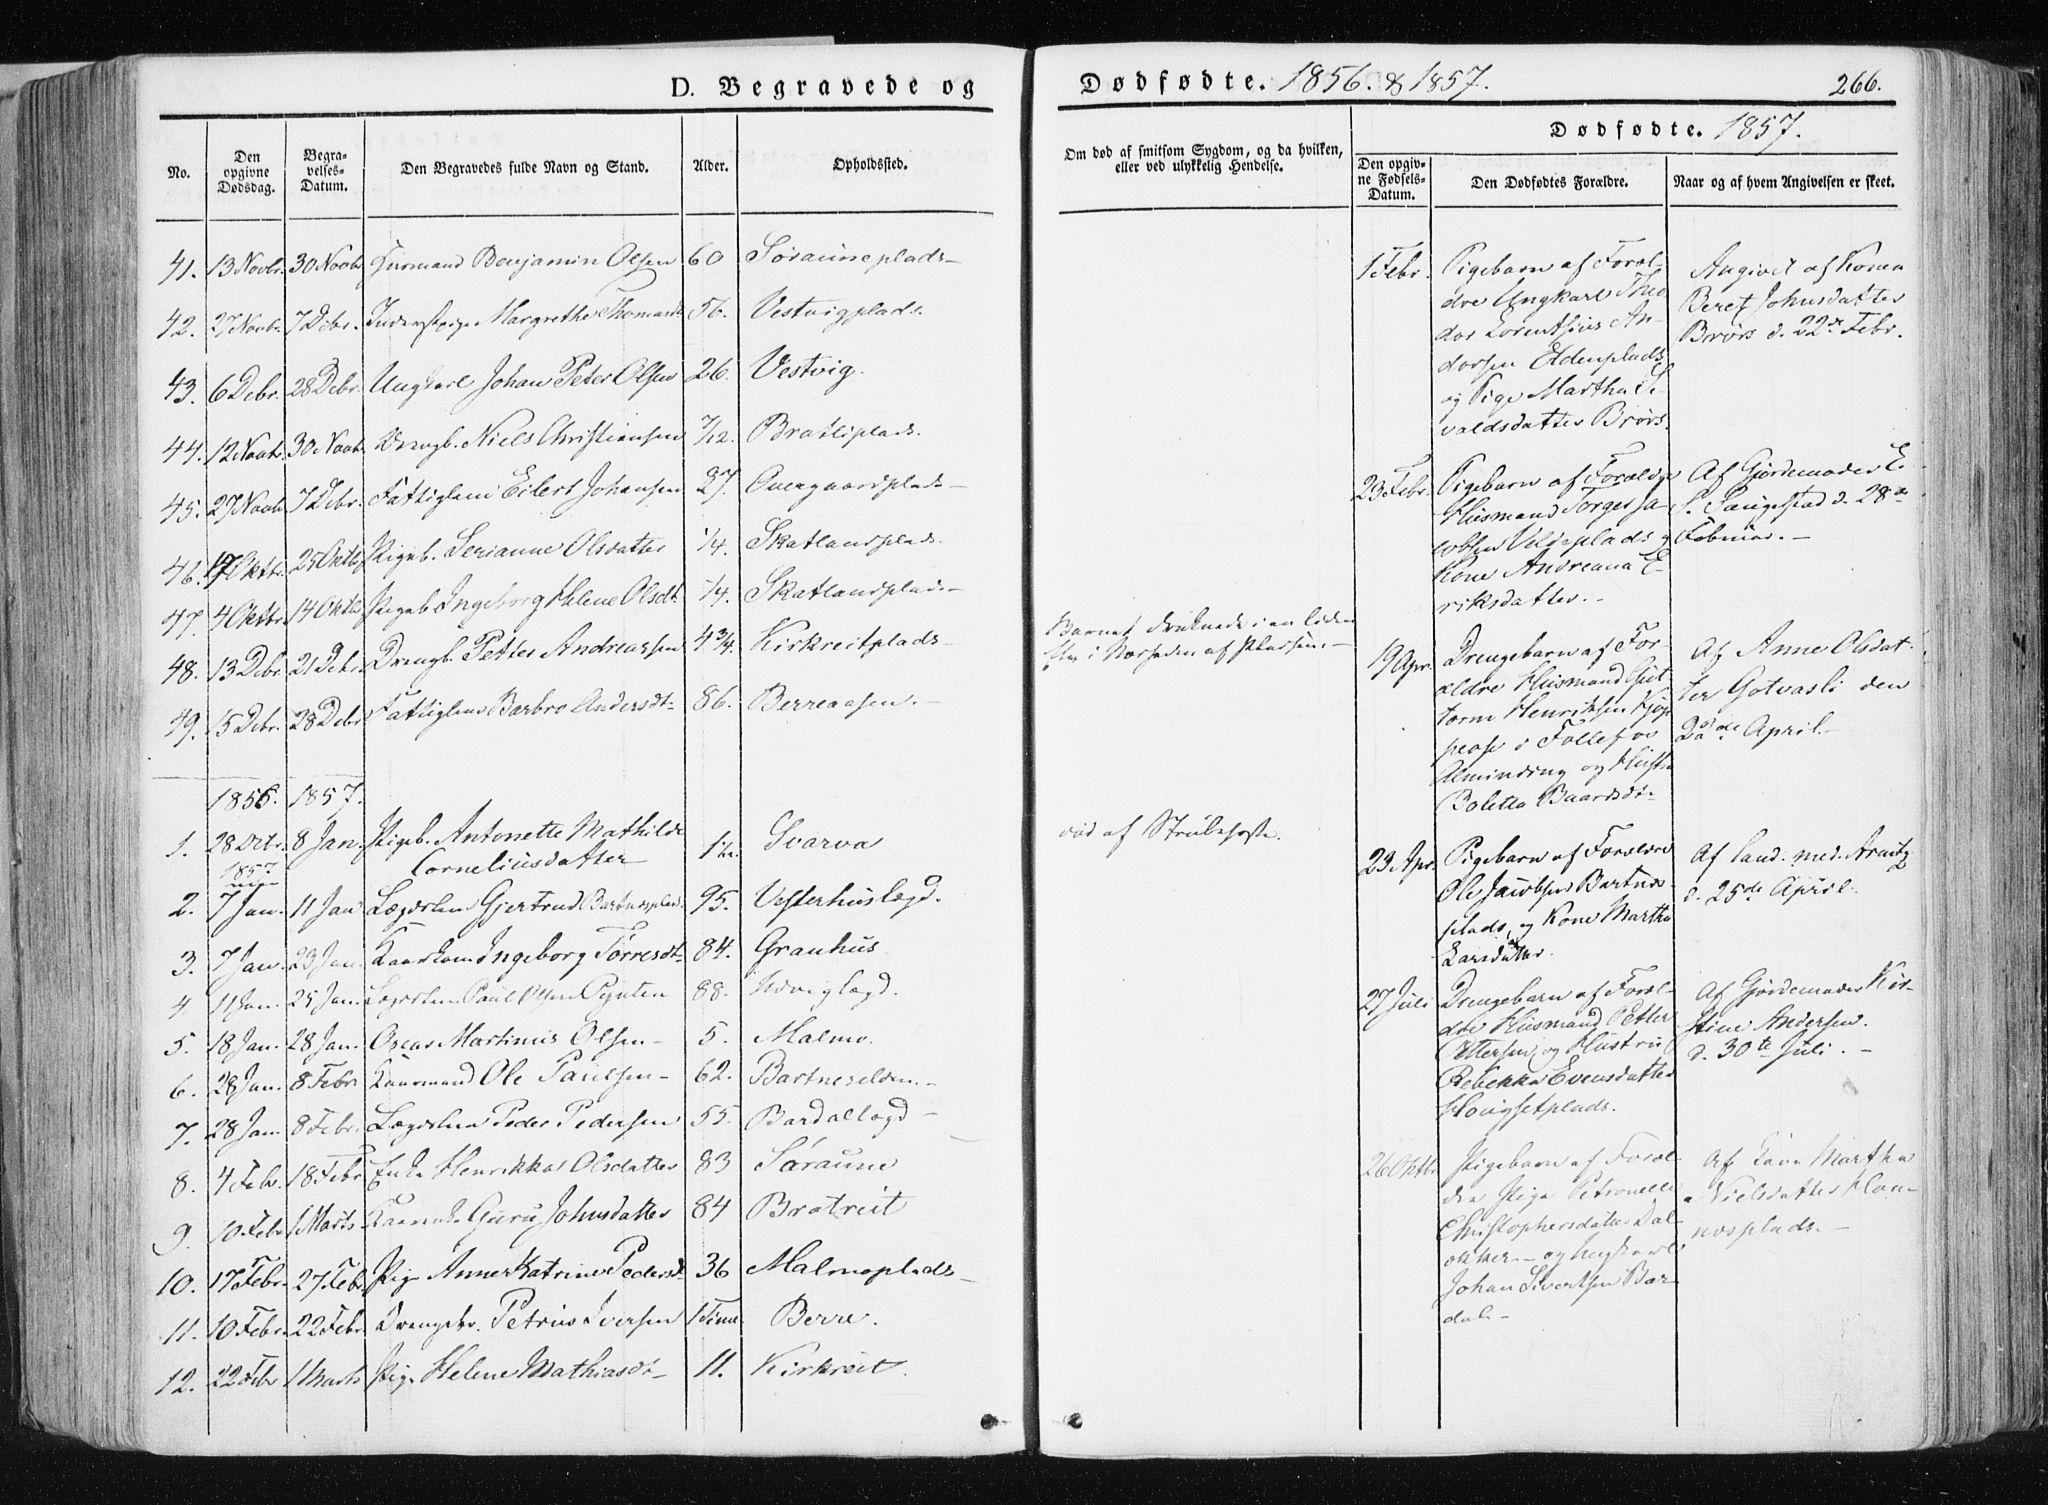 SAT, Ministerialprotokoller, klokkerbøker og fødselsregistre - Nord-Trøndelag, 741/L0393: Ministerialbok nr. 741A07, 1849-1863, s. 266